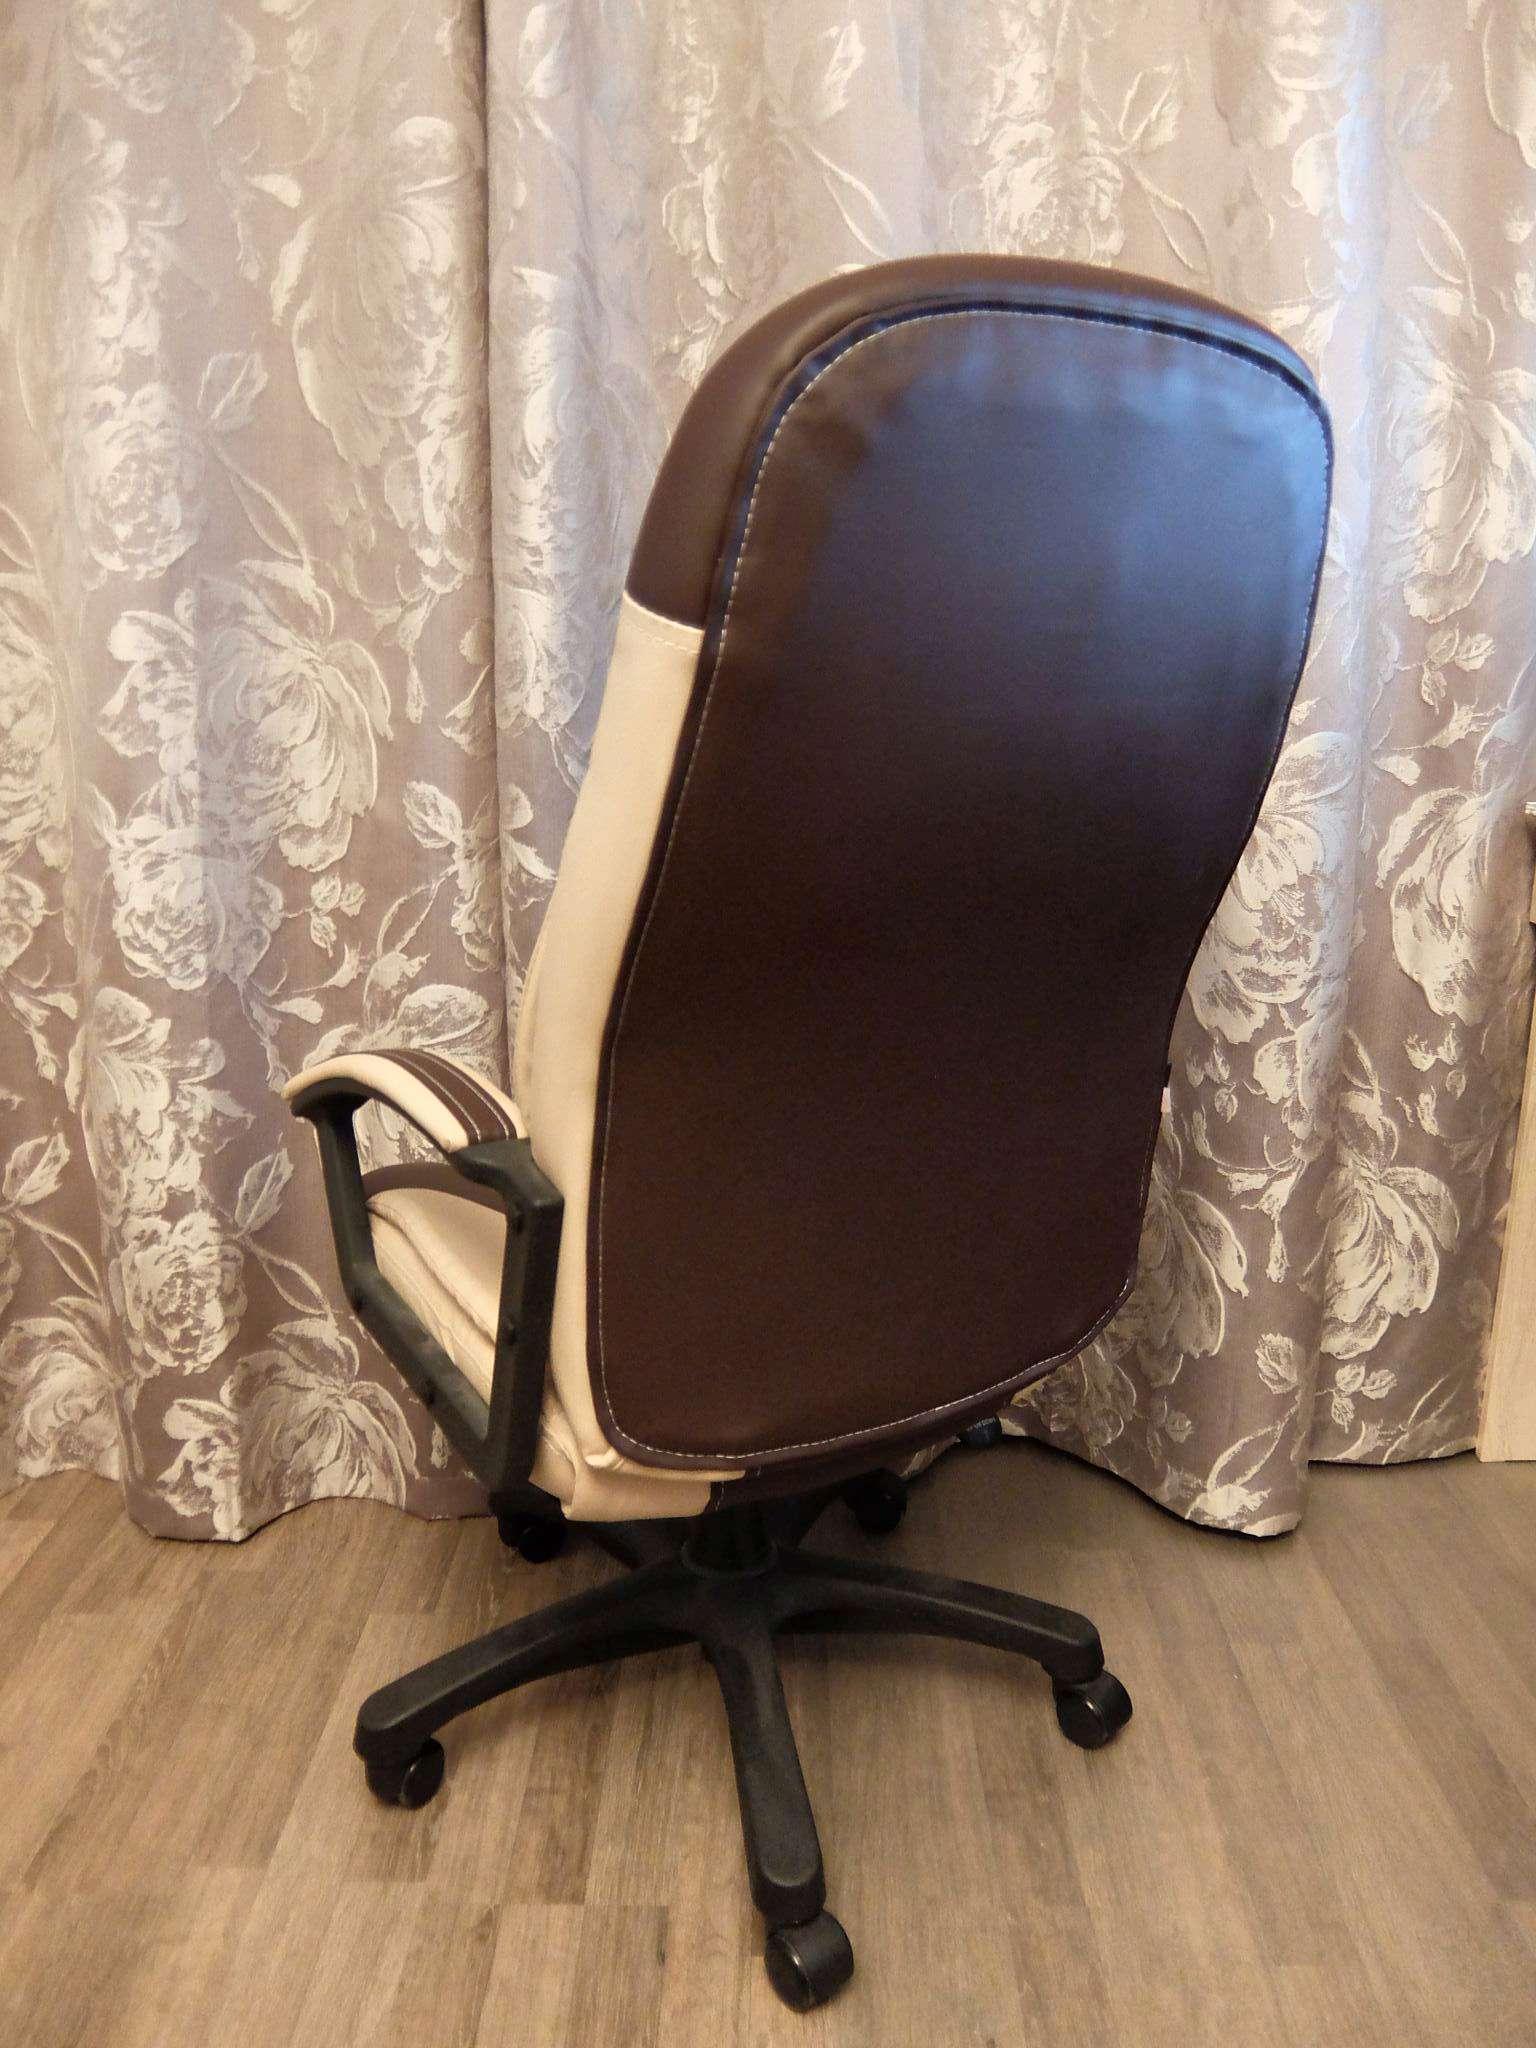 Я терлась об стул 12